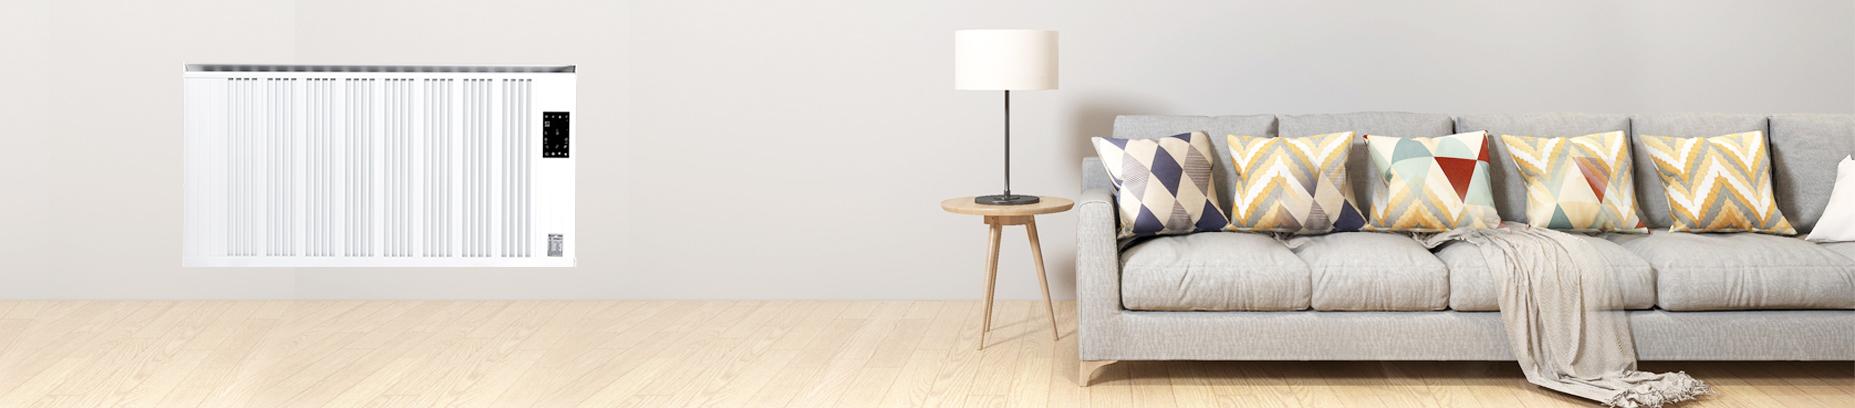 客厅电暖器采暖案例——暖先生环境科技